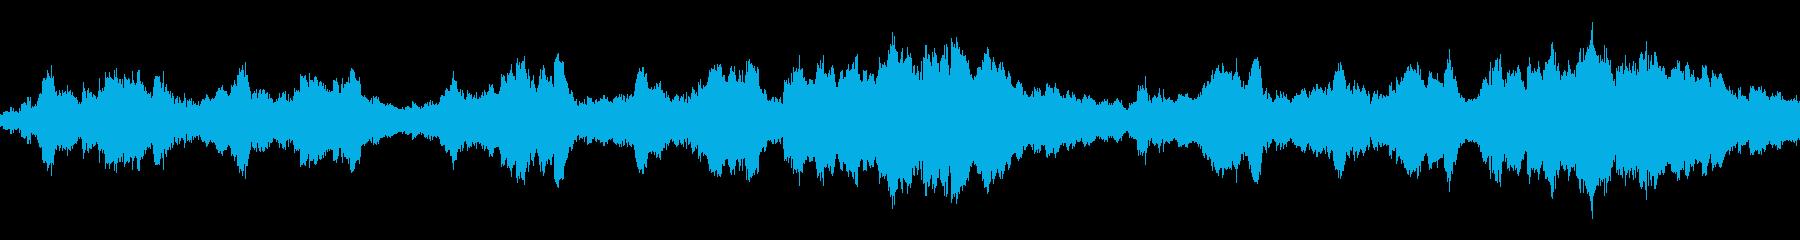 「エリーゼのために」ピアノソロ(ループ)の再生済みの波形